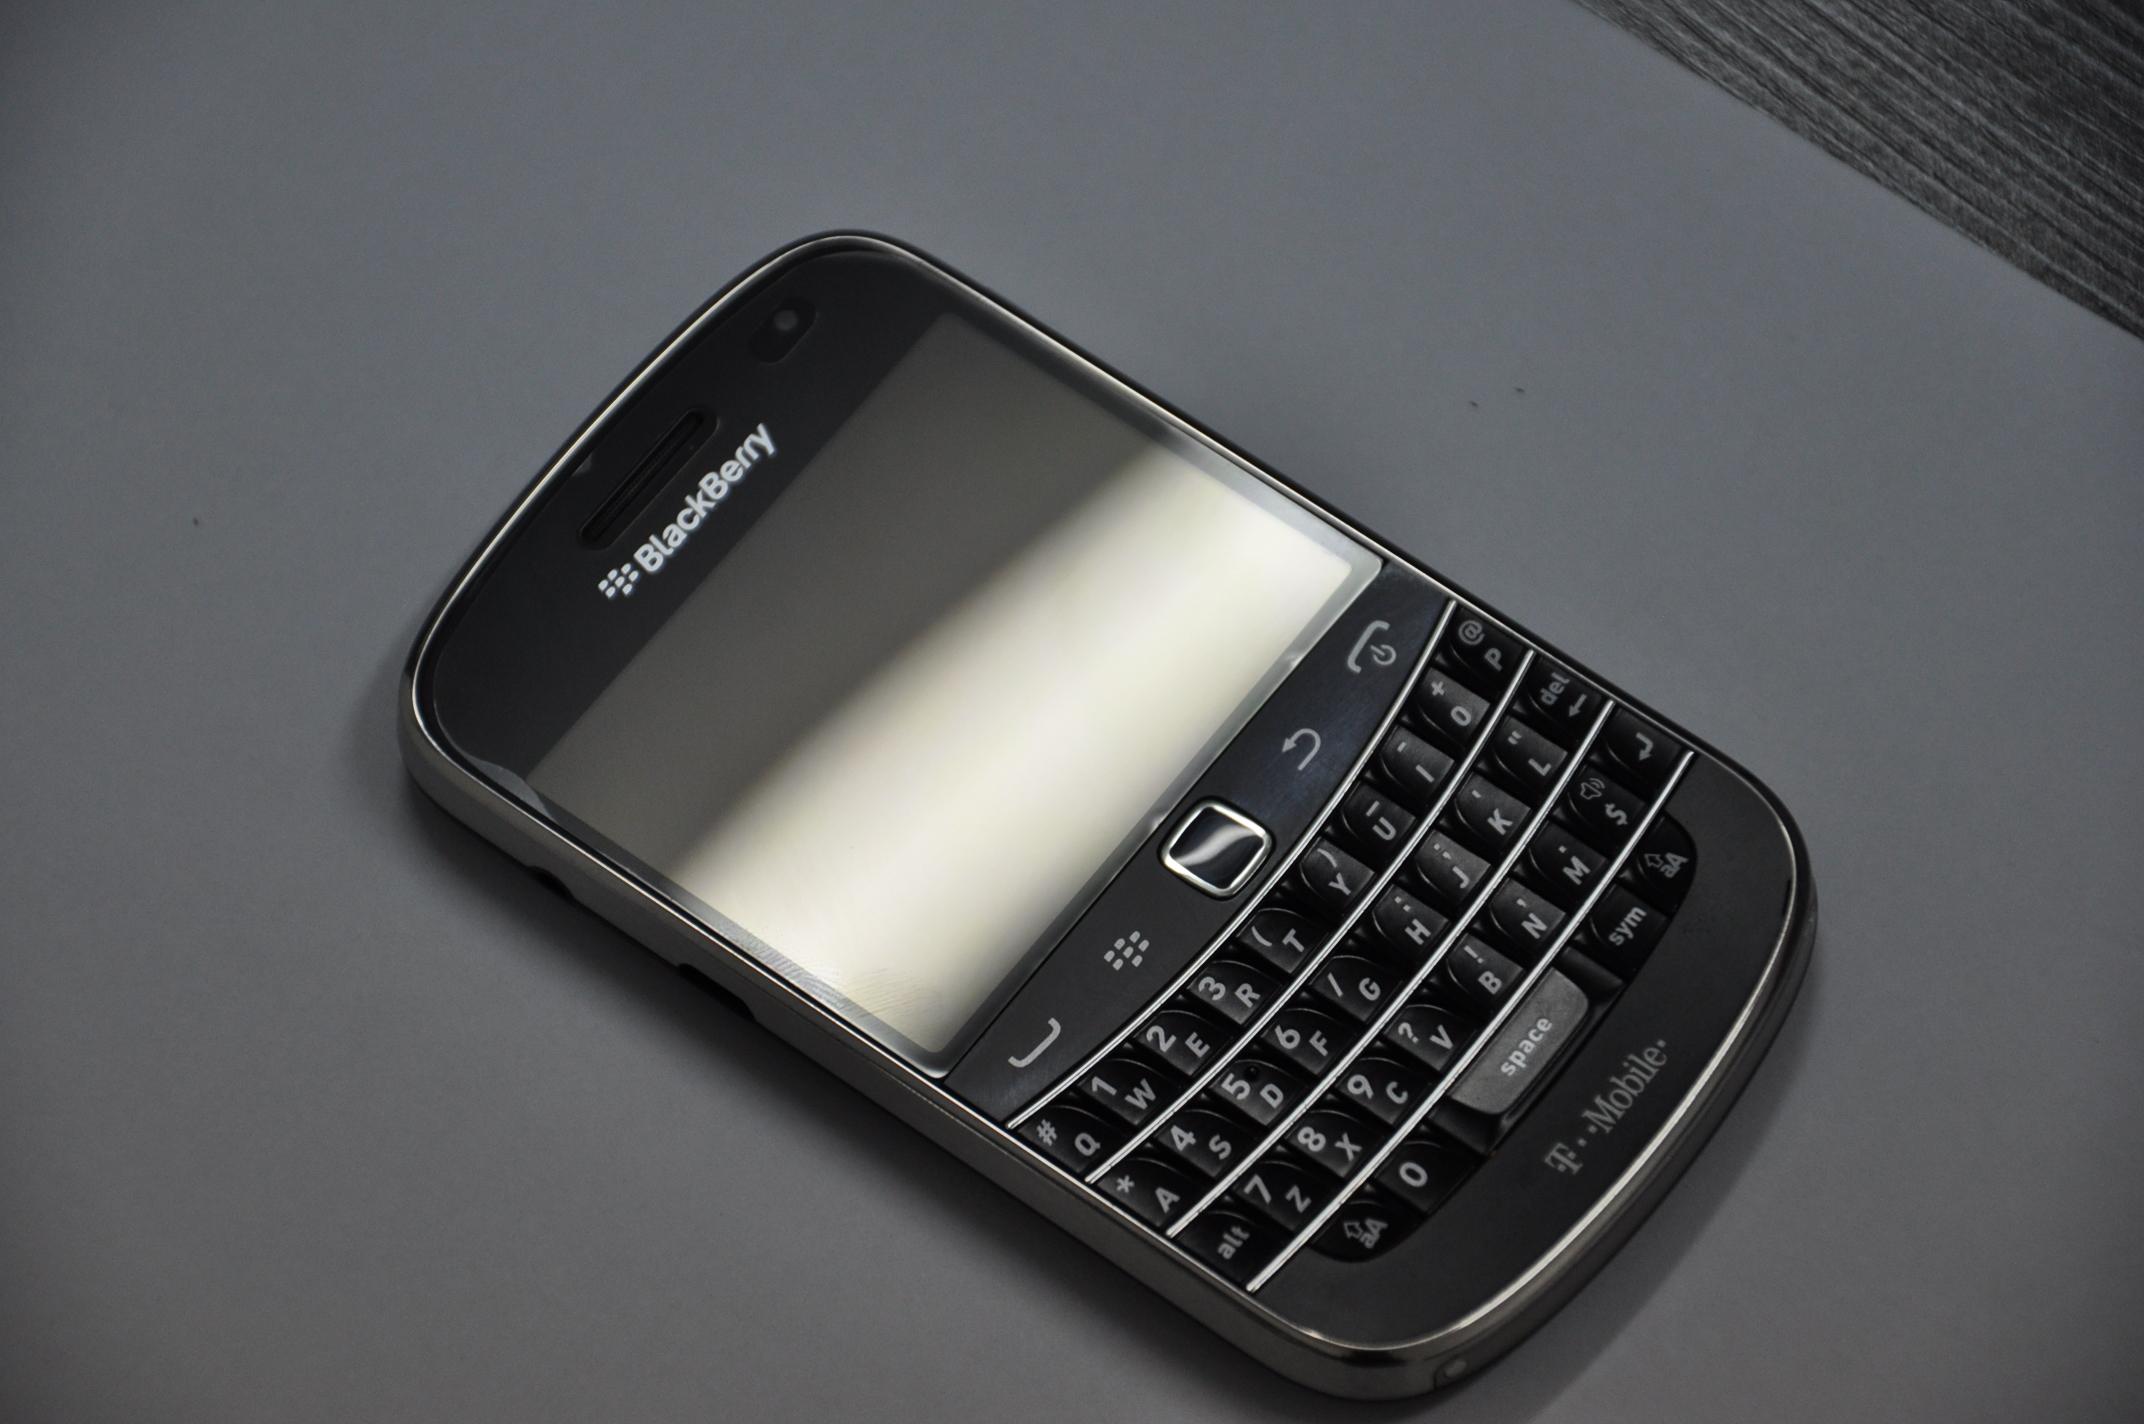 黑莓9900怎么样 黑莓9900多少钱